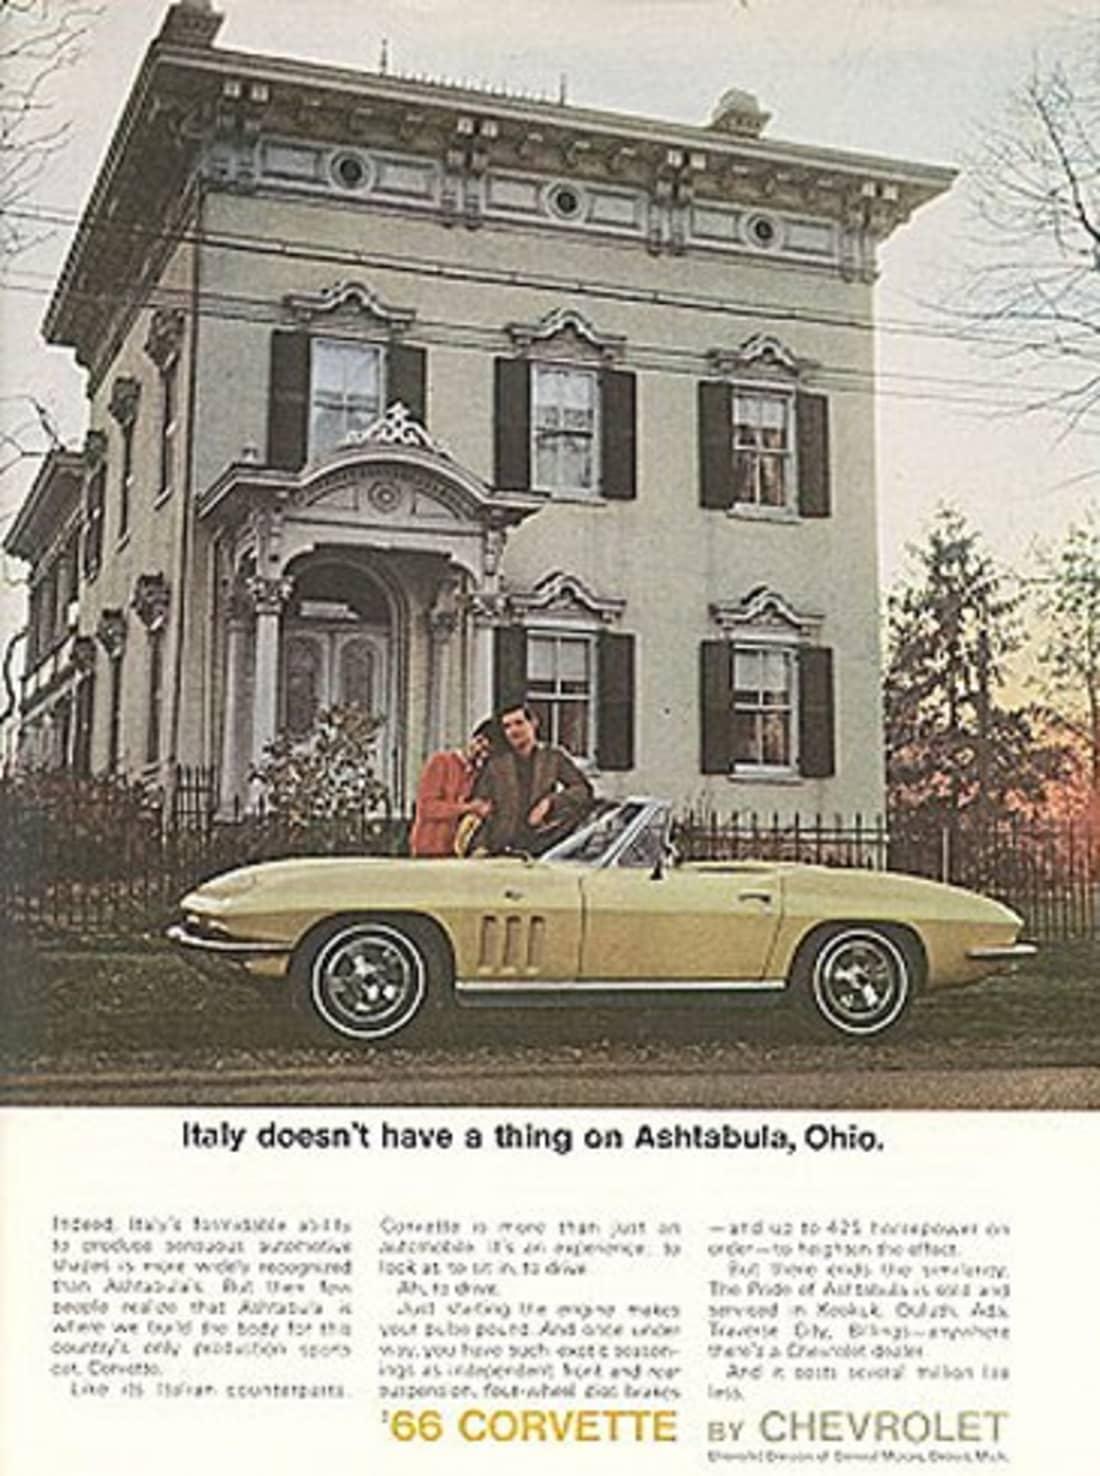 1966 Corvette Ad